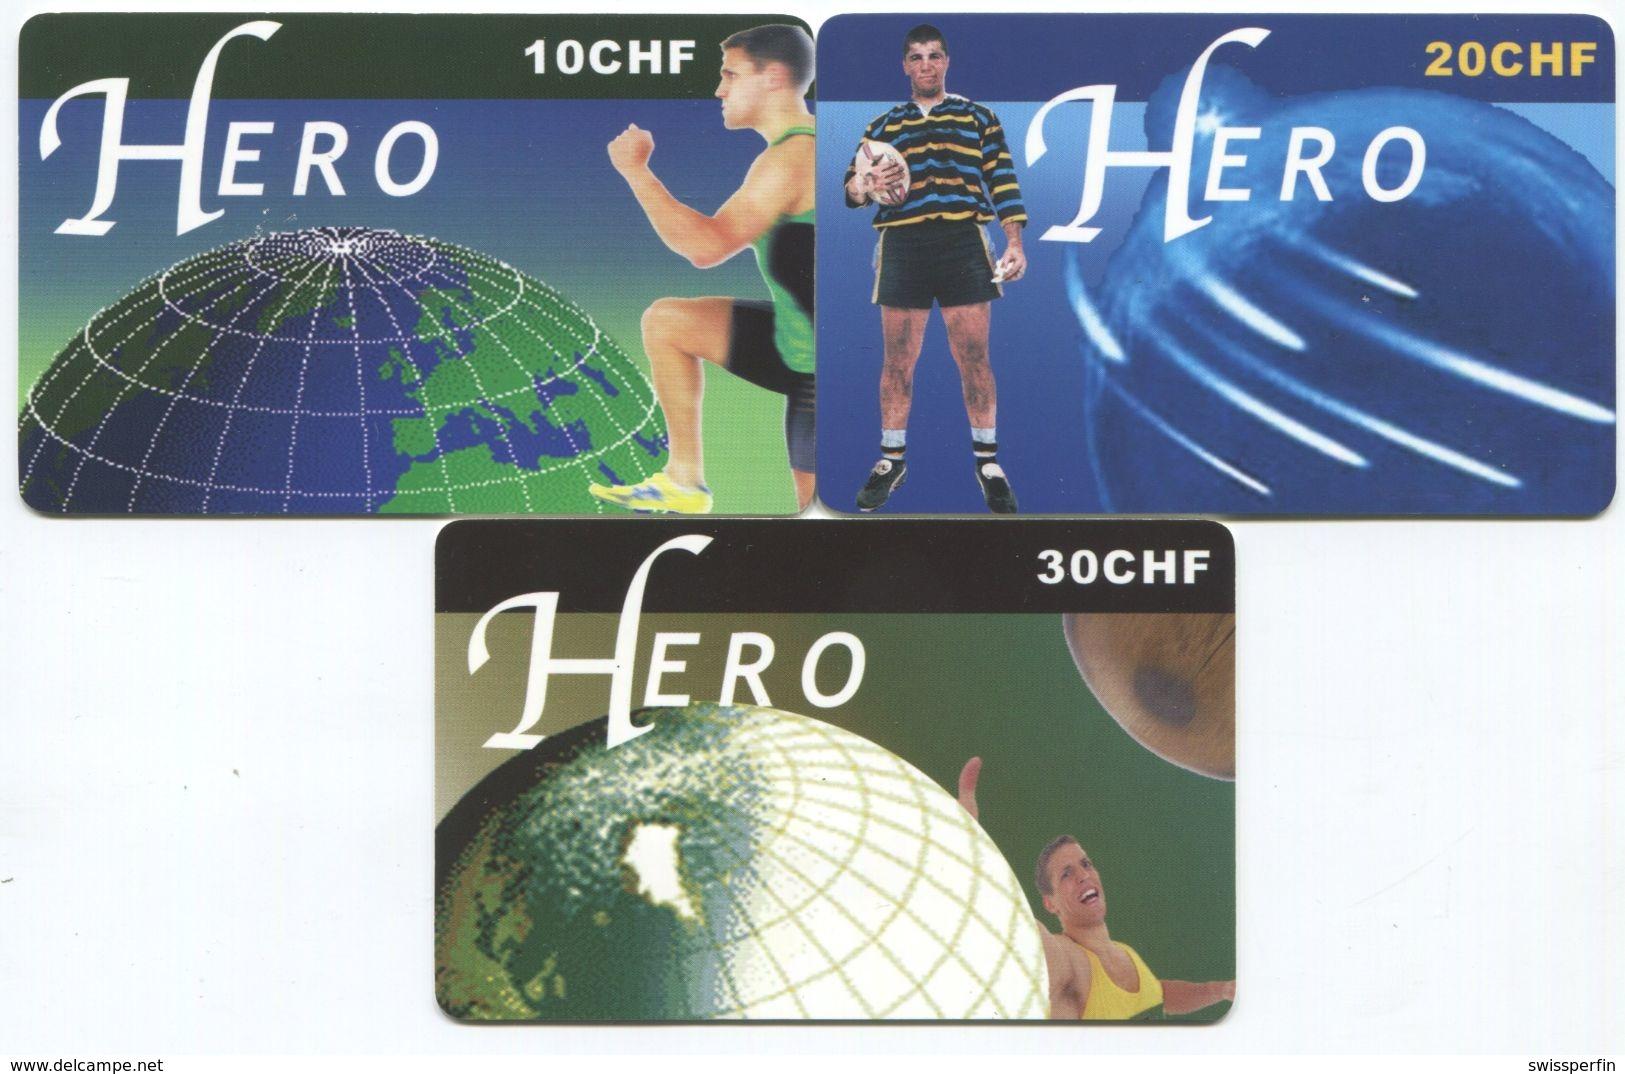 1671 - HERO 10 Bis 30 CHF Prepaid Telefonkarten Serie - Suisse